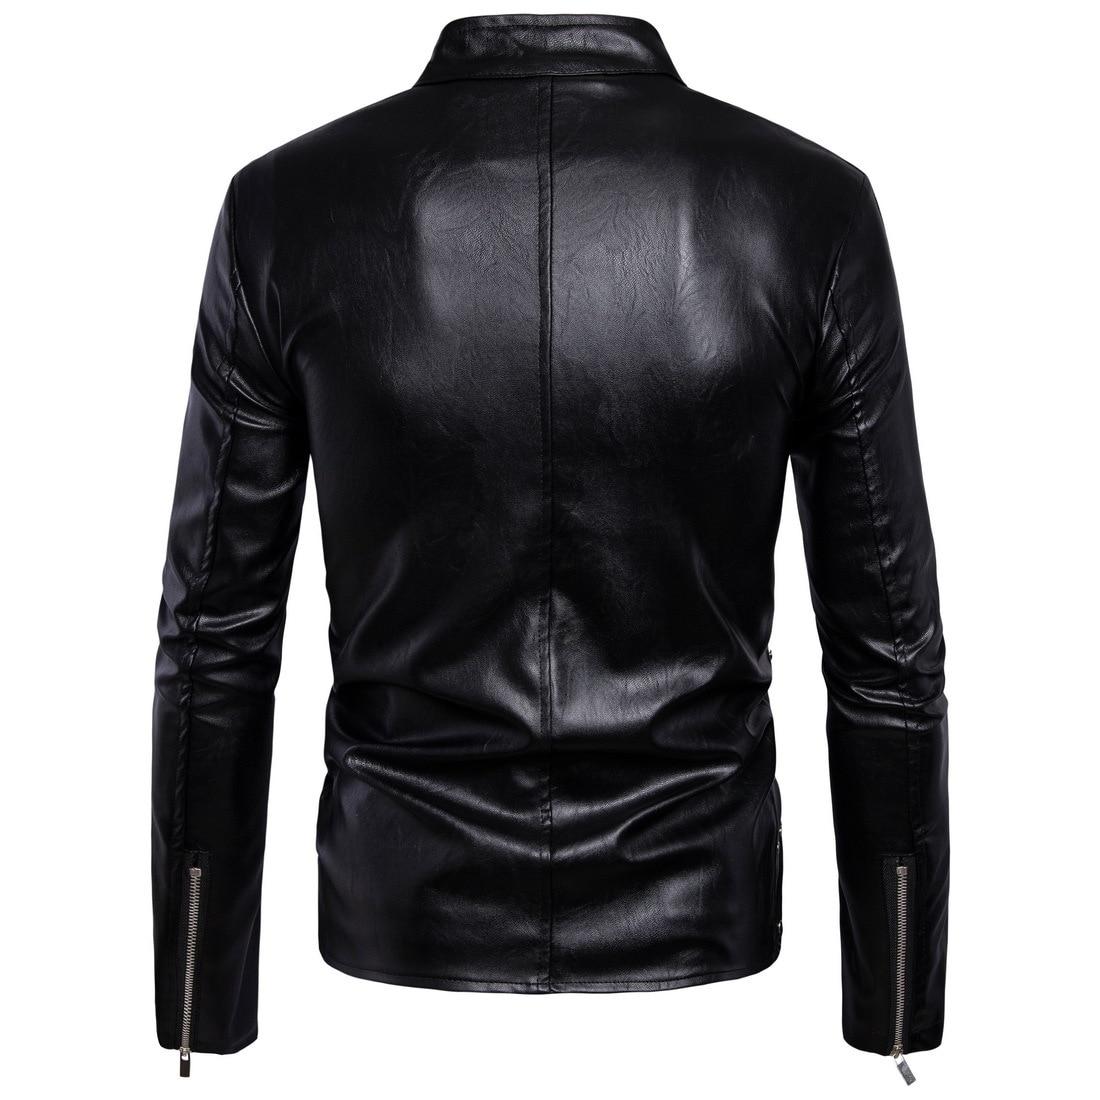 Couro Multi Masculina Nouveau Jaqueta Moto Vestes Cuir De En Manteaux 5xl fermeture Éclair Biker Mode Hommes Noir x6wpqgR